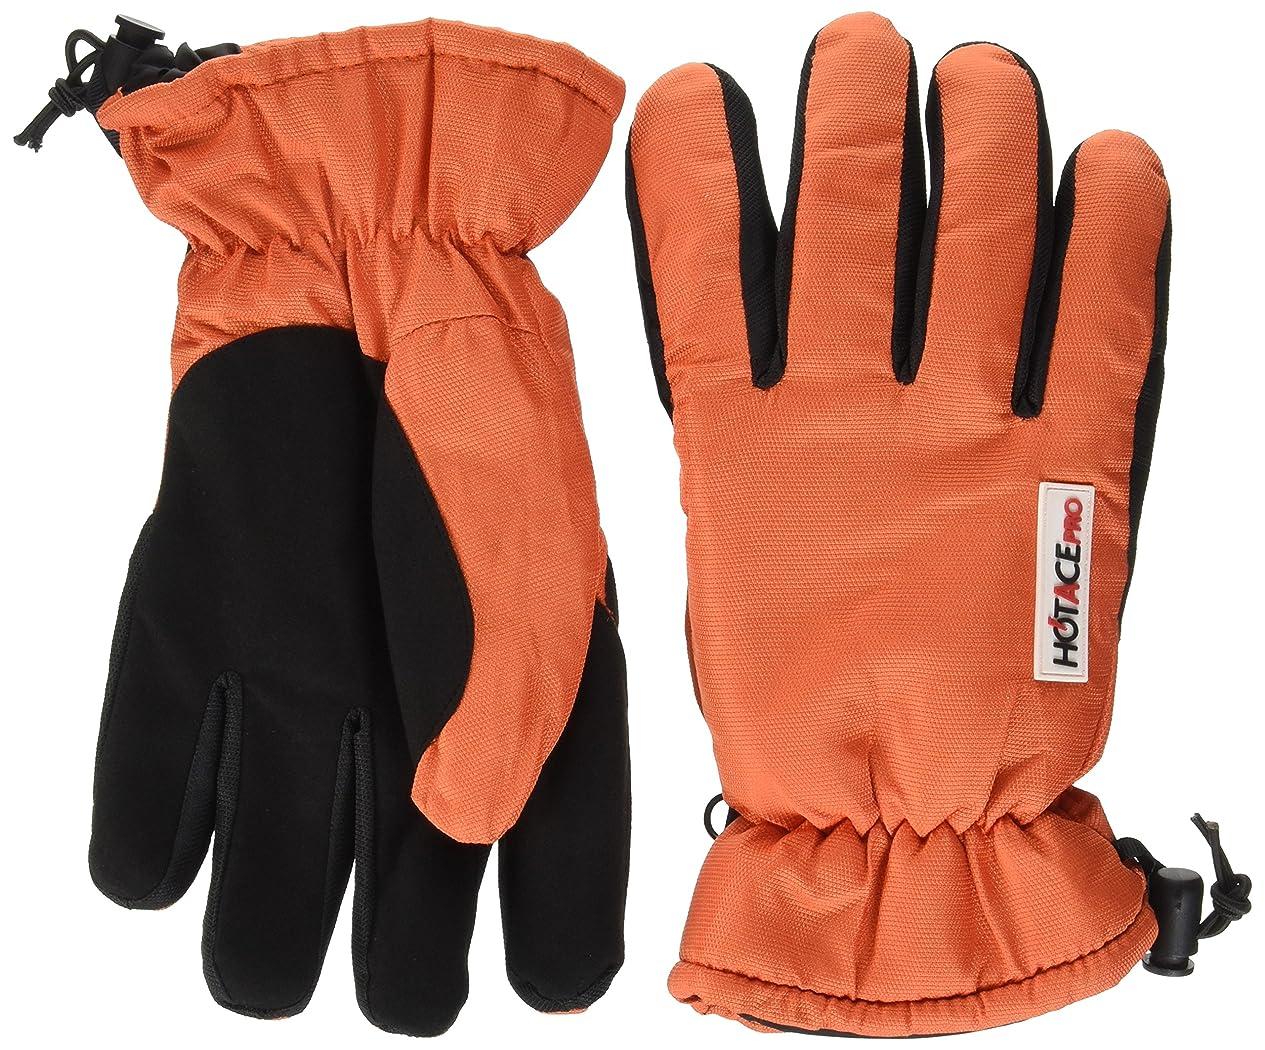 おたふく手袋 防寒防水手袋 ホットエースプロ 厚手保温 ワンタッチしぼりタイプ L HA-324